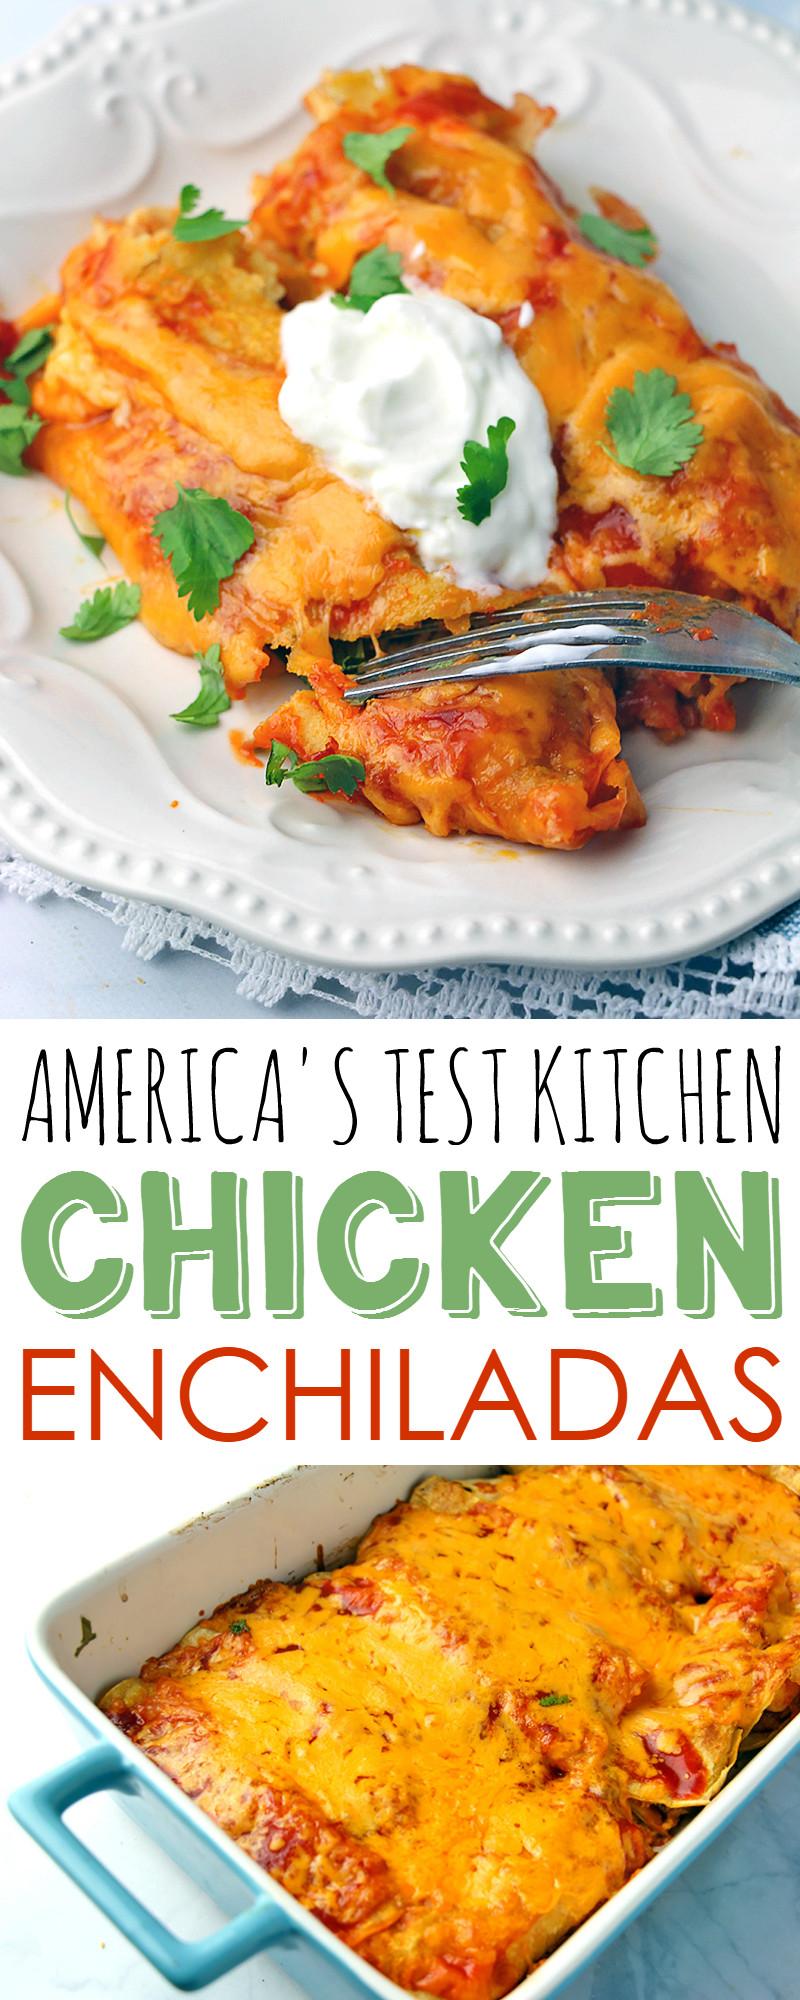 Healthy Chicken Enchiladas  Chicken Enchiladas Recipe from The America s Test